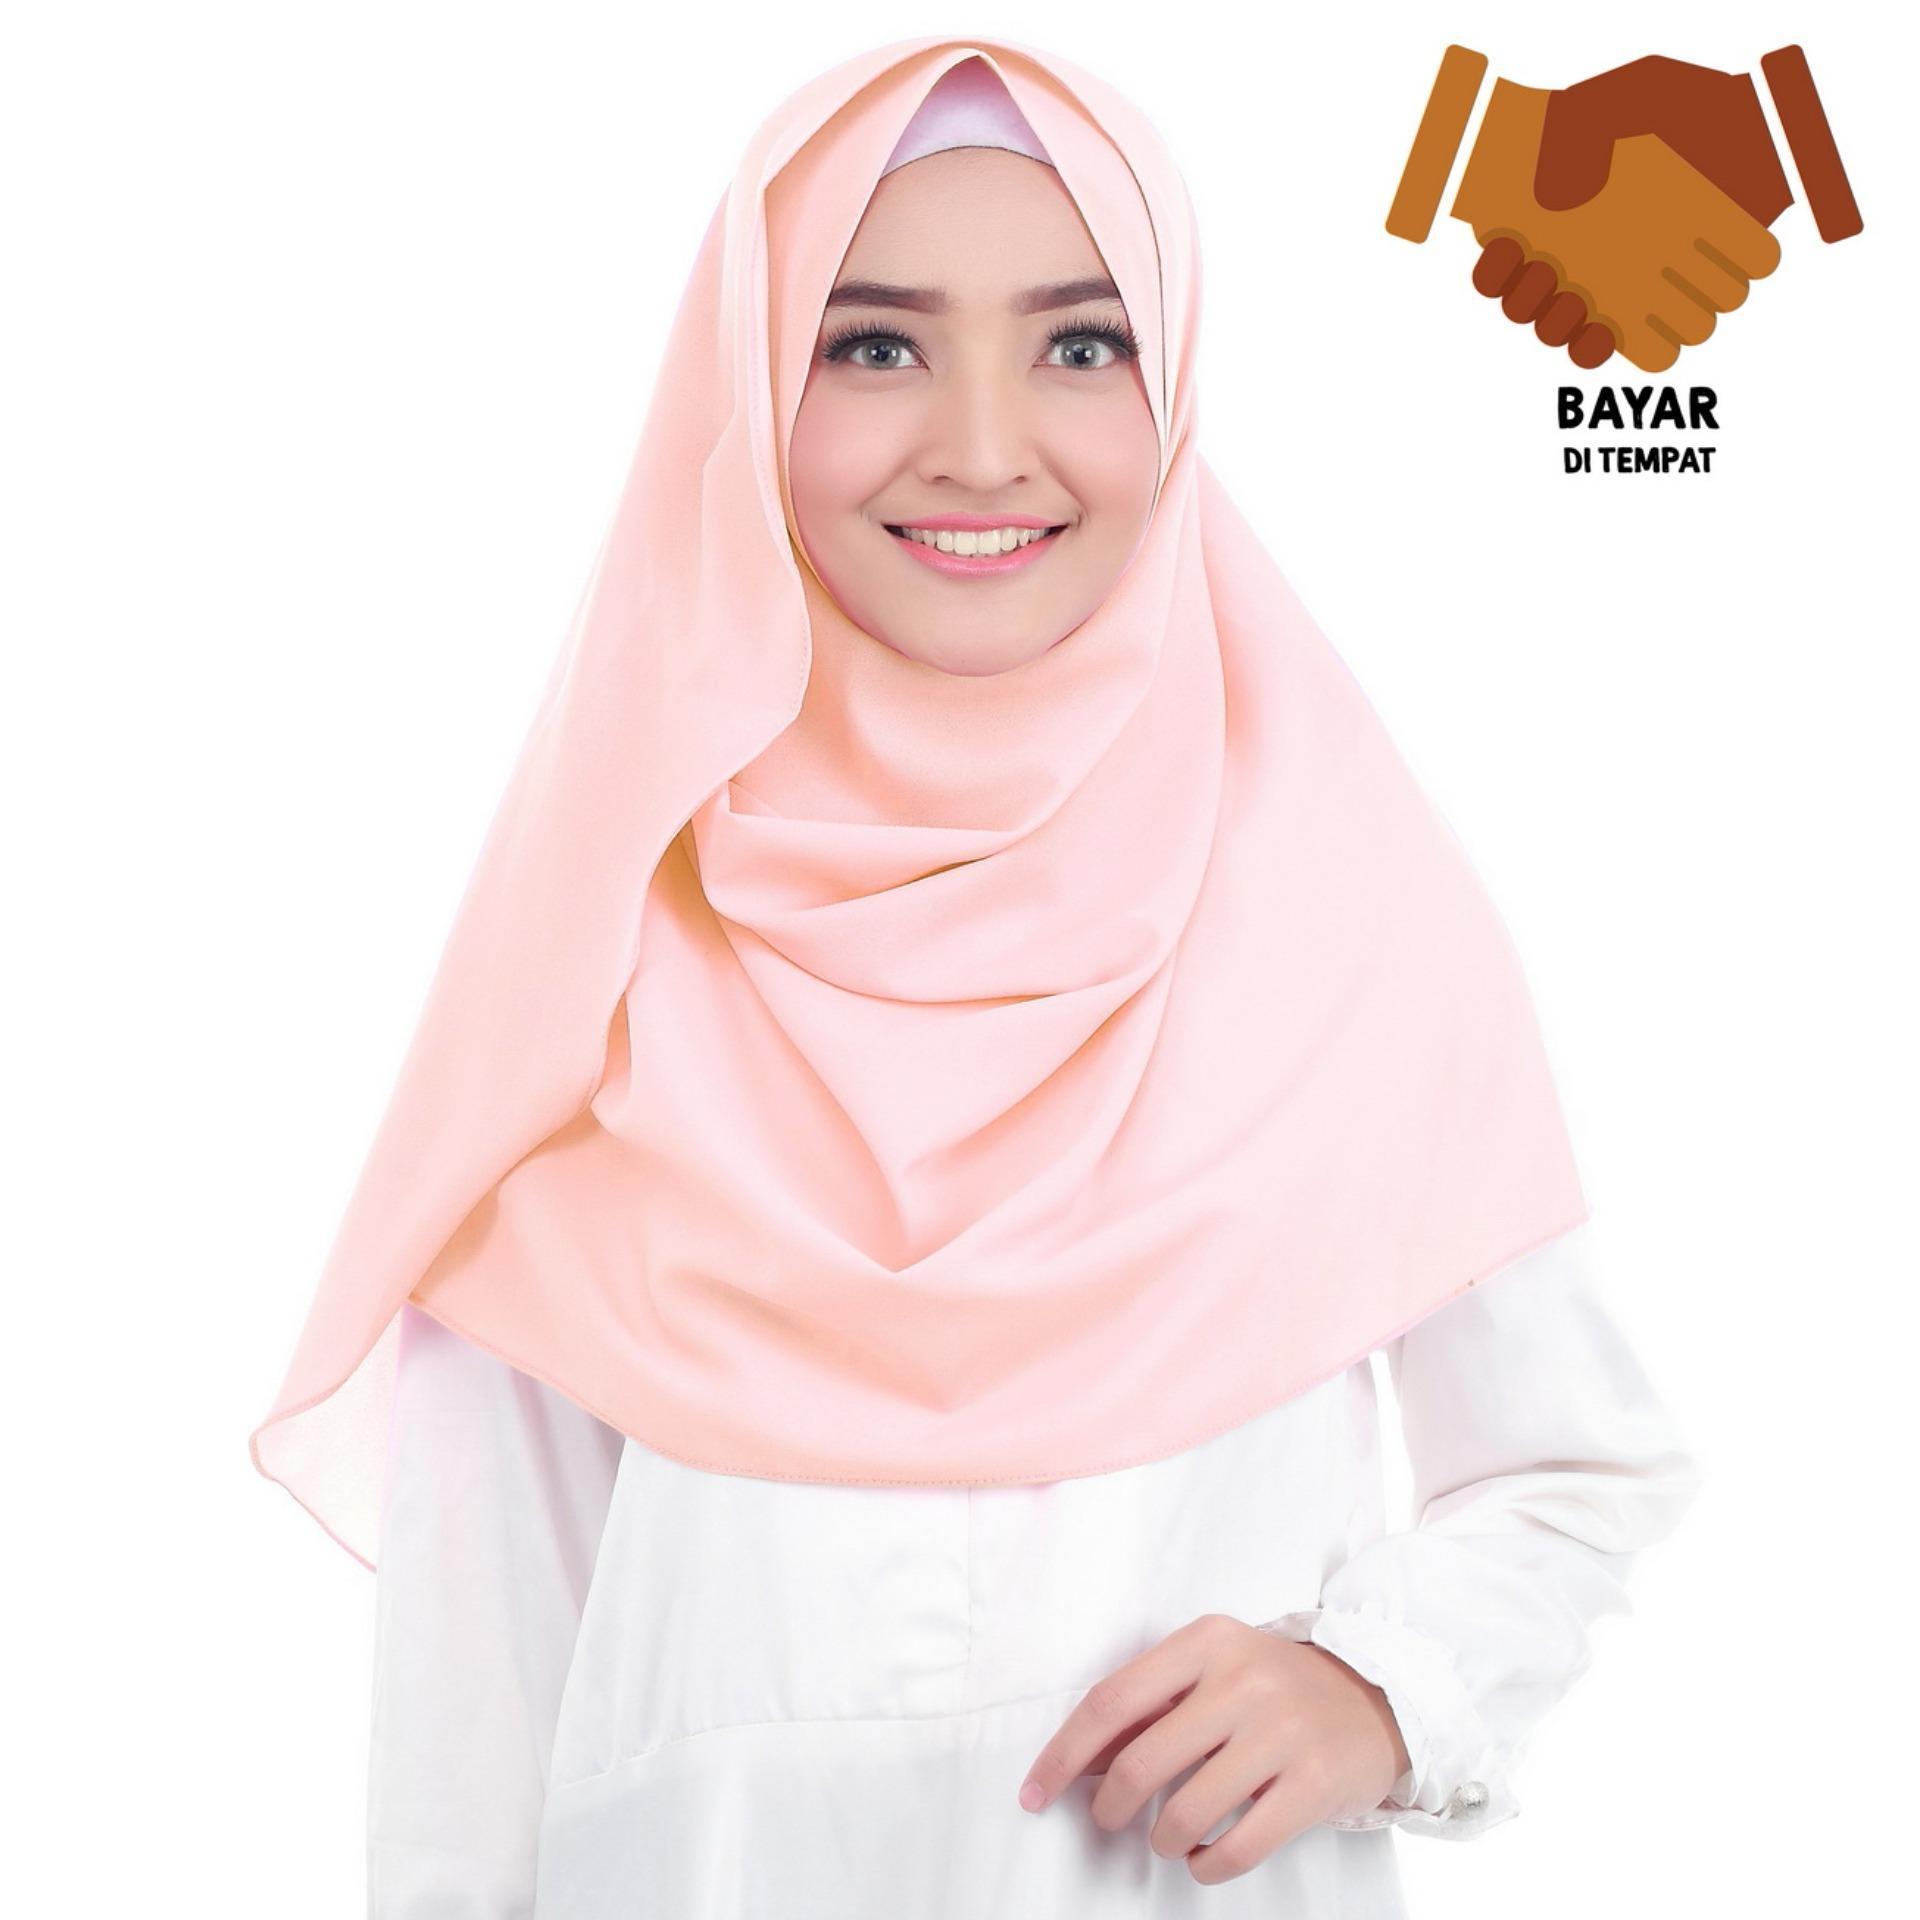 Belle Hijab Kerudung Instan Peach7 Daftar Harga Terkini Dan Khimar Maroko Withpet Sj0004 Best